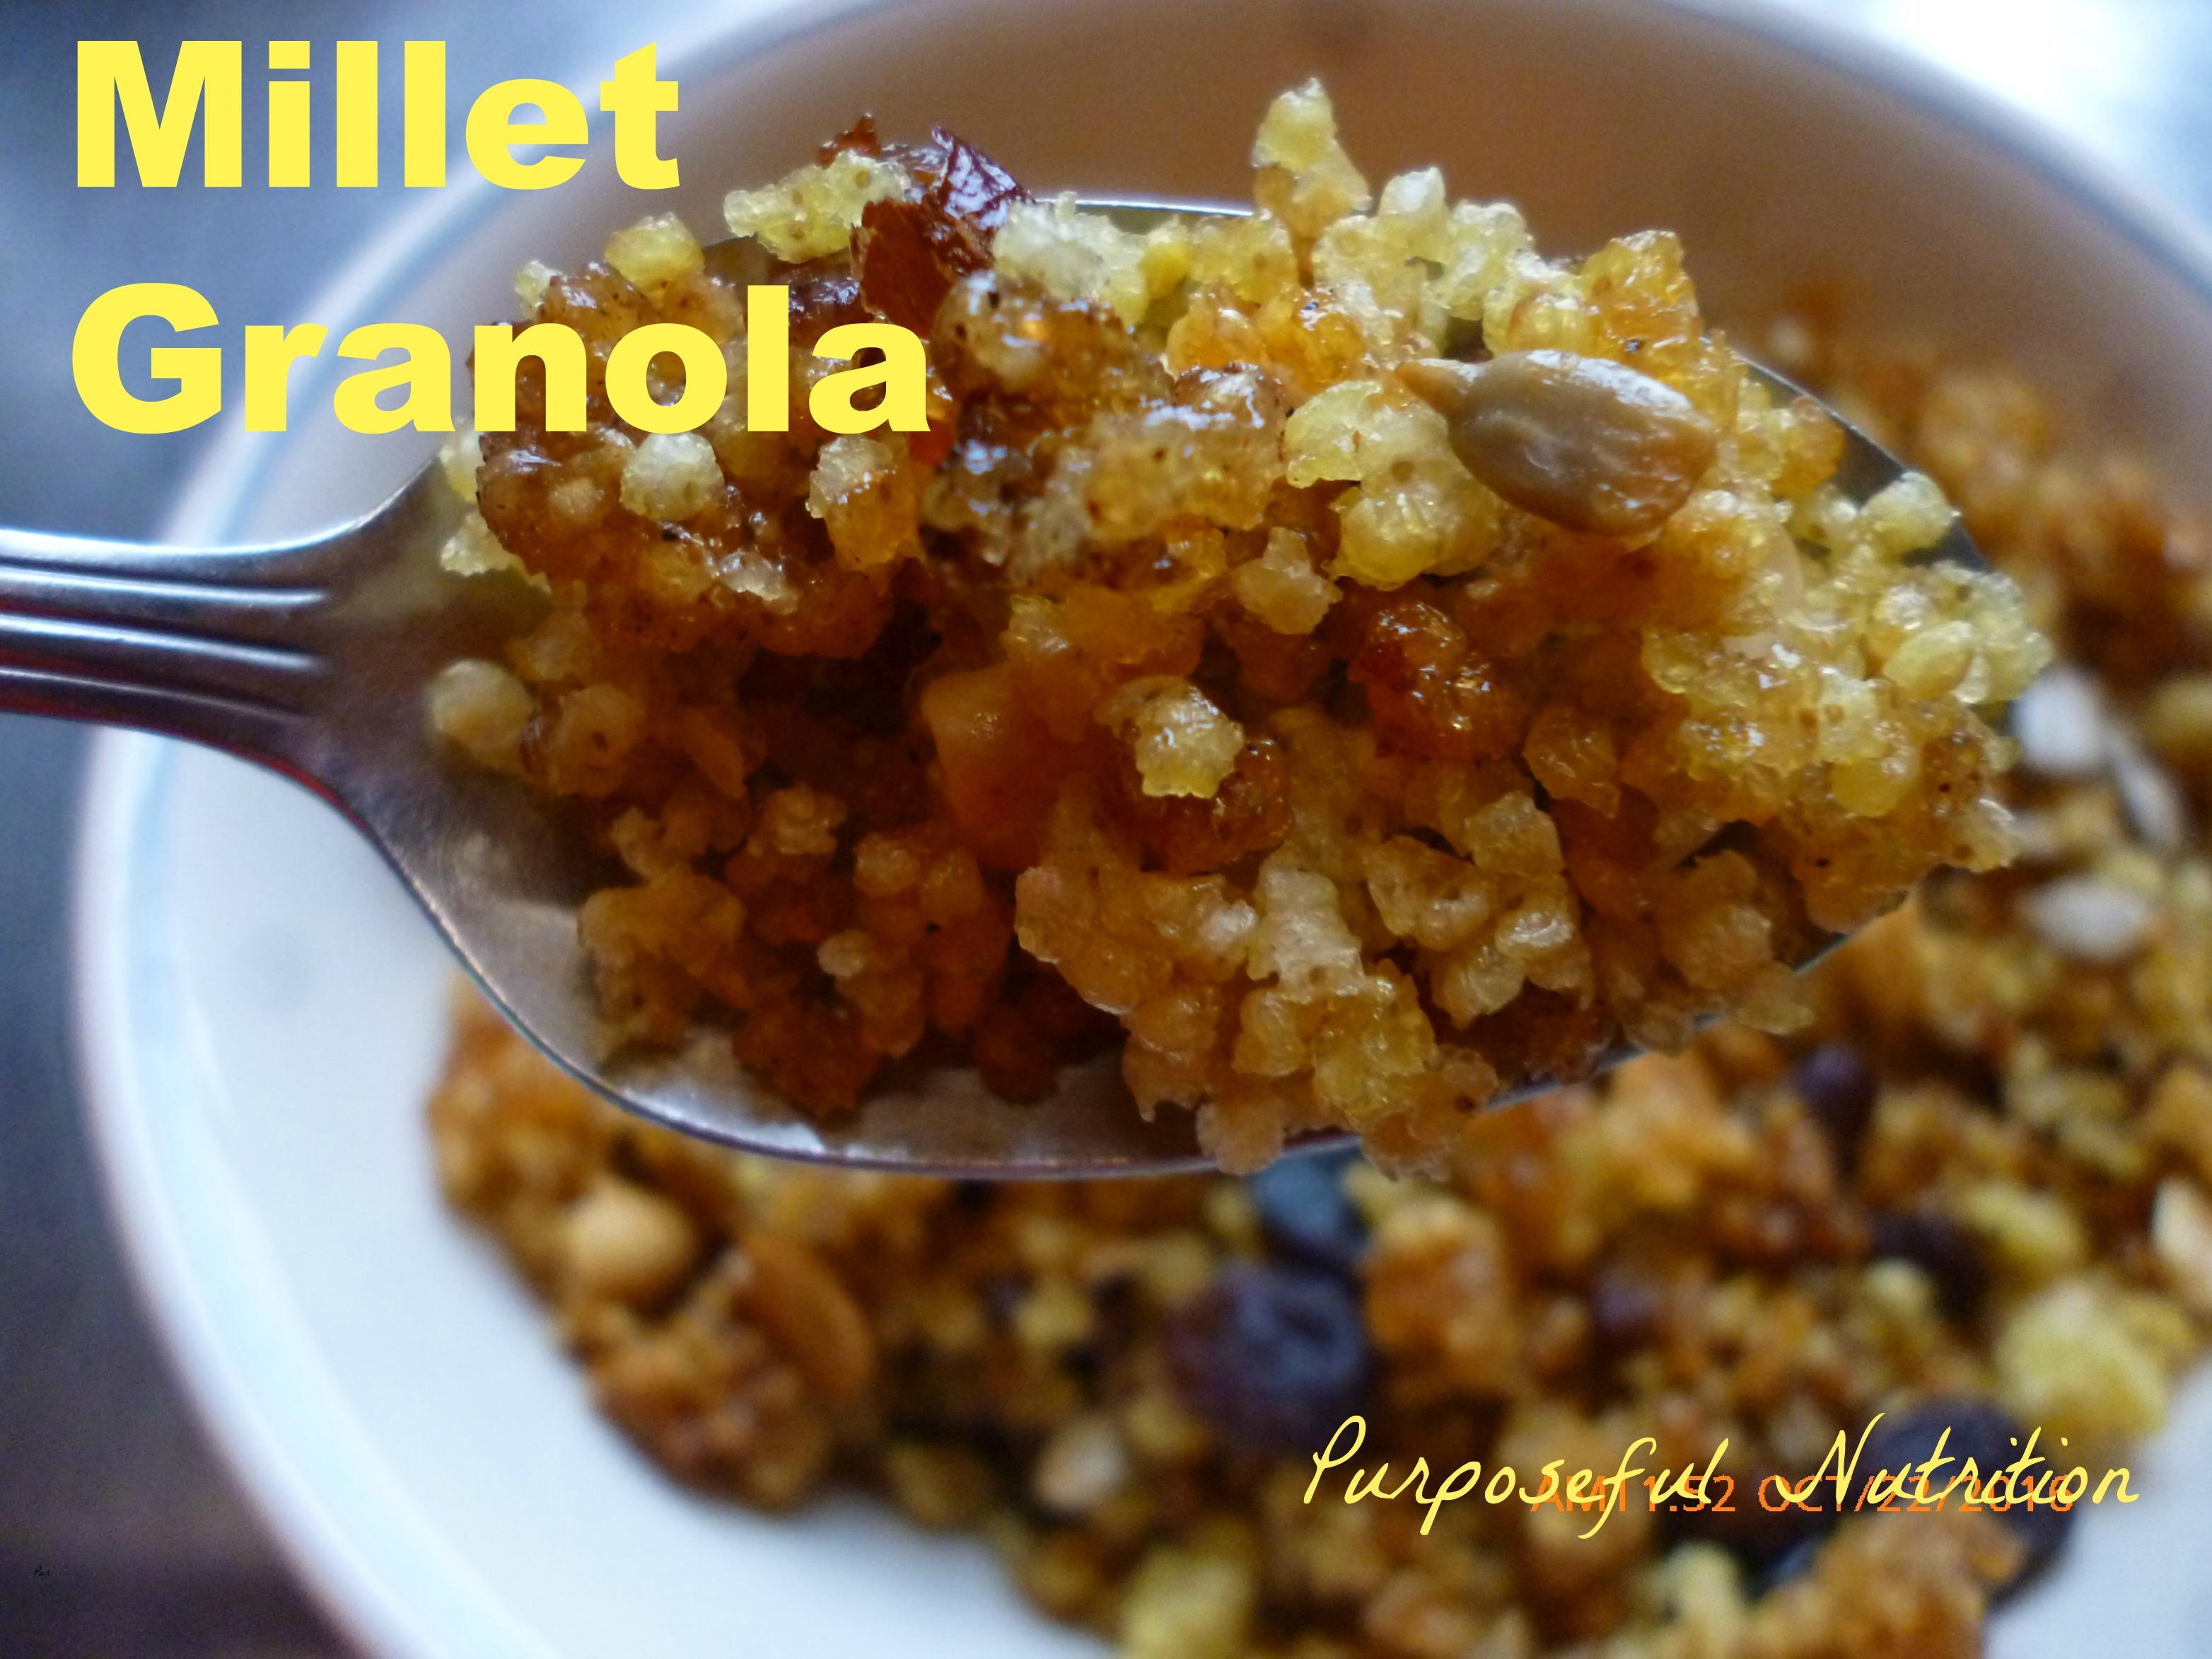 milllet-granola-main